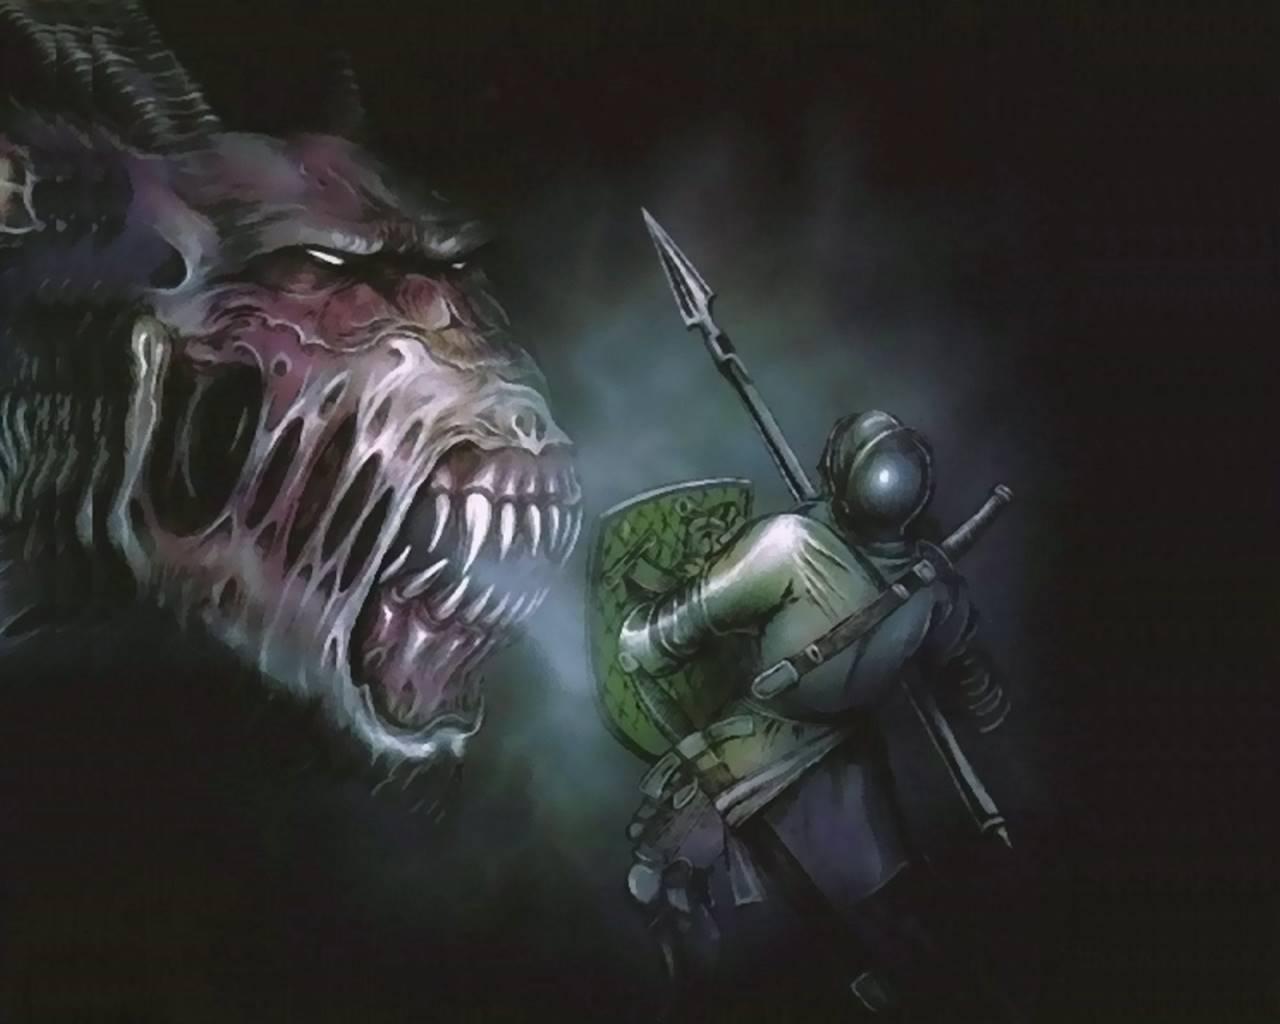 Drachen fantasy fantasy 1 star trek tiere weltraum flugdrache